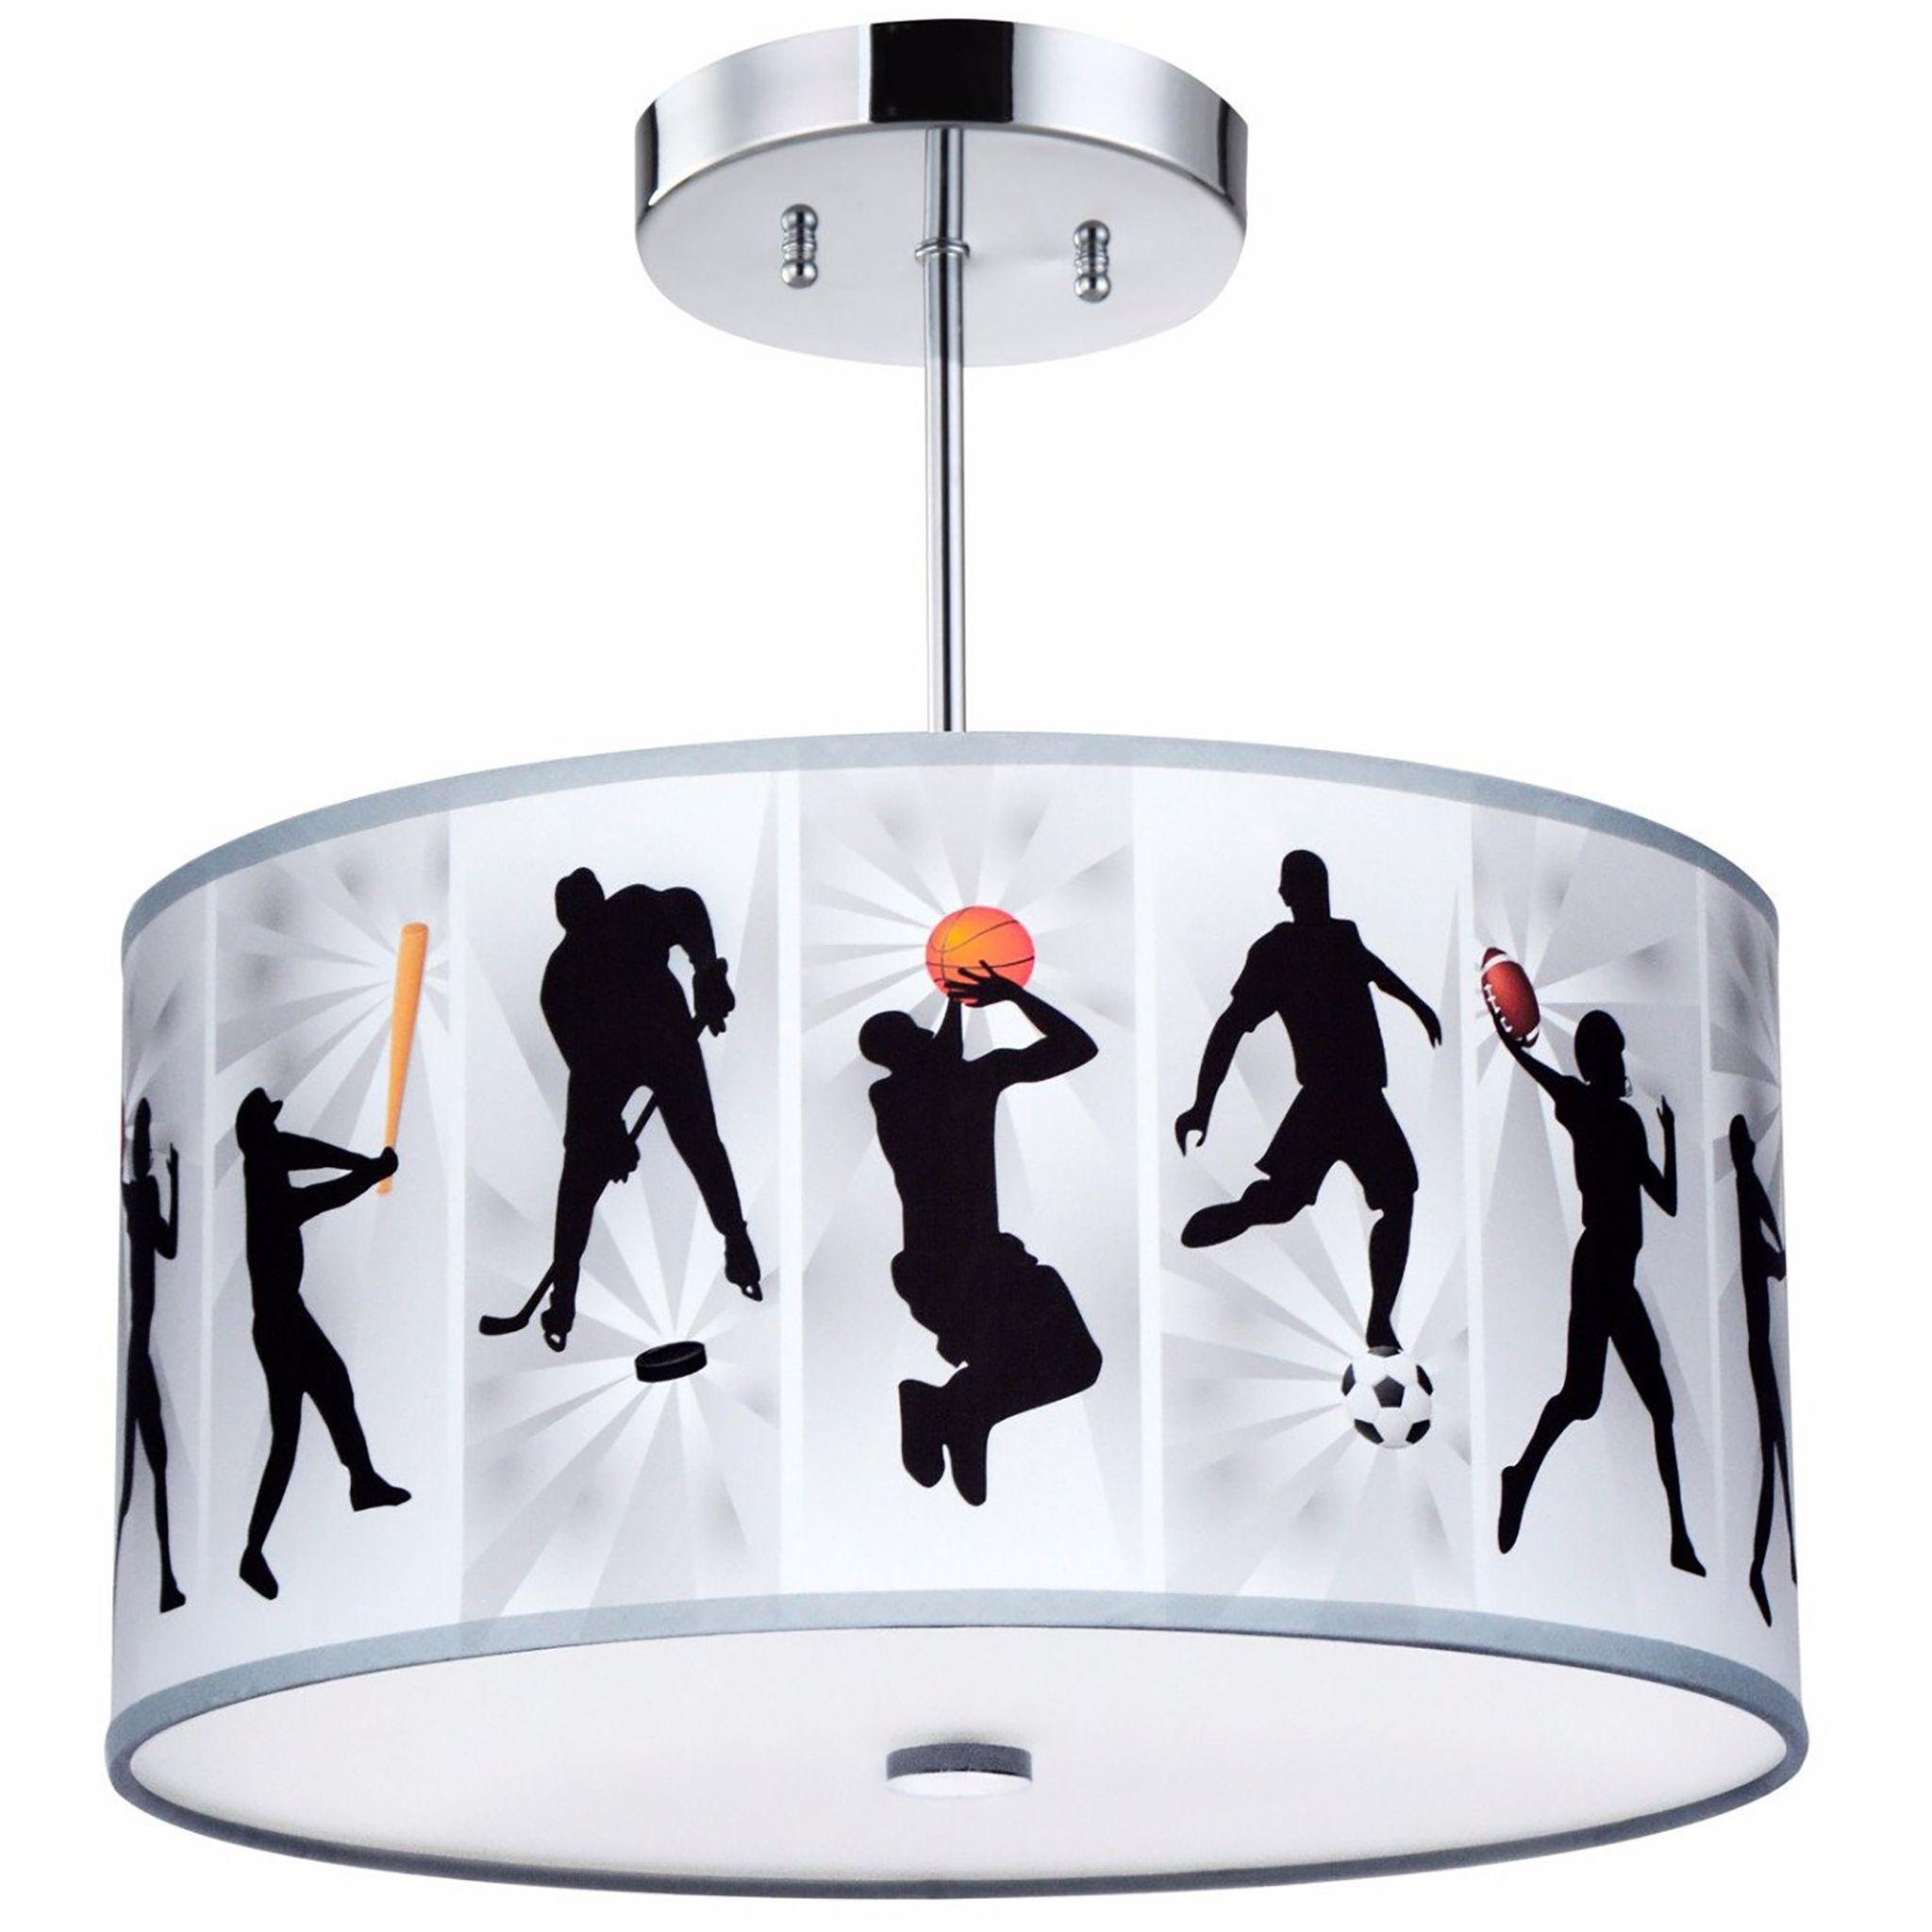 All-Sports Light Fixture, 3-Light | New house ideas | Pinterest ...